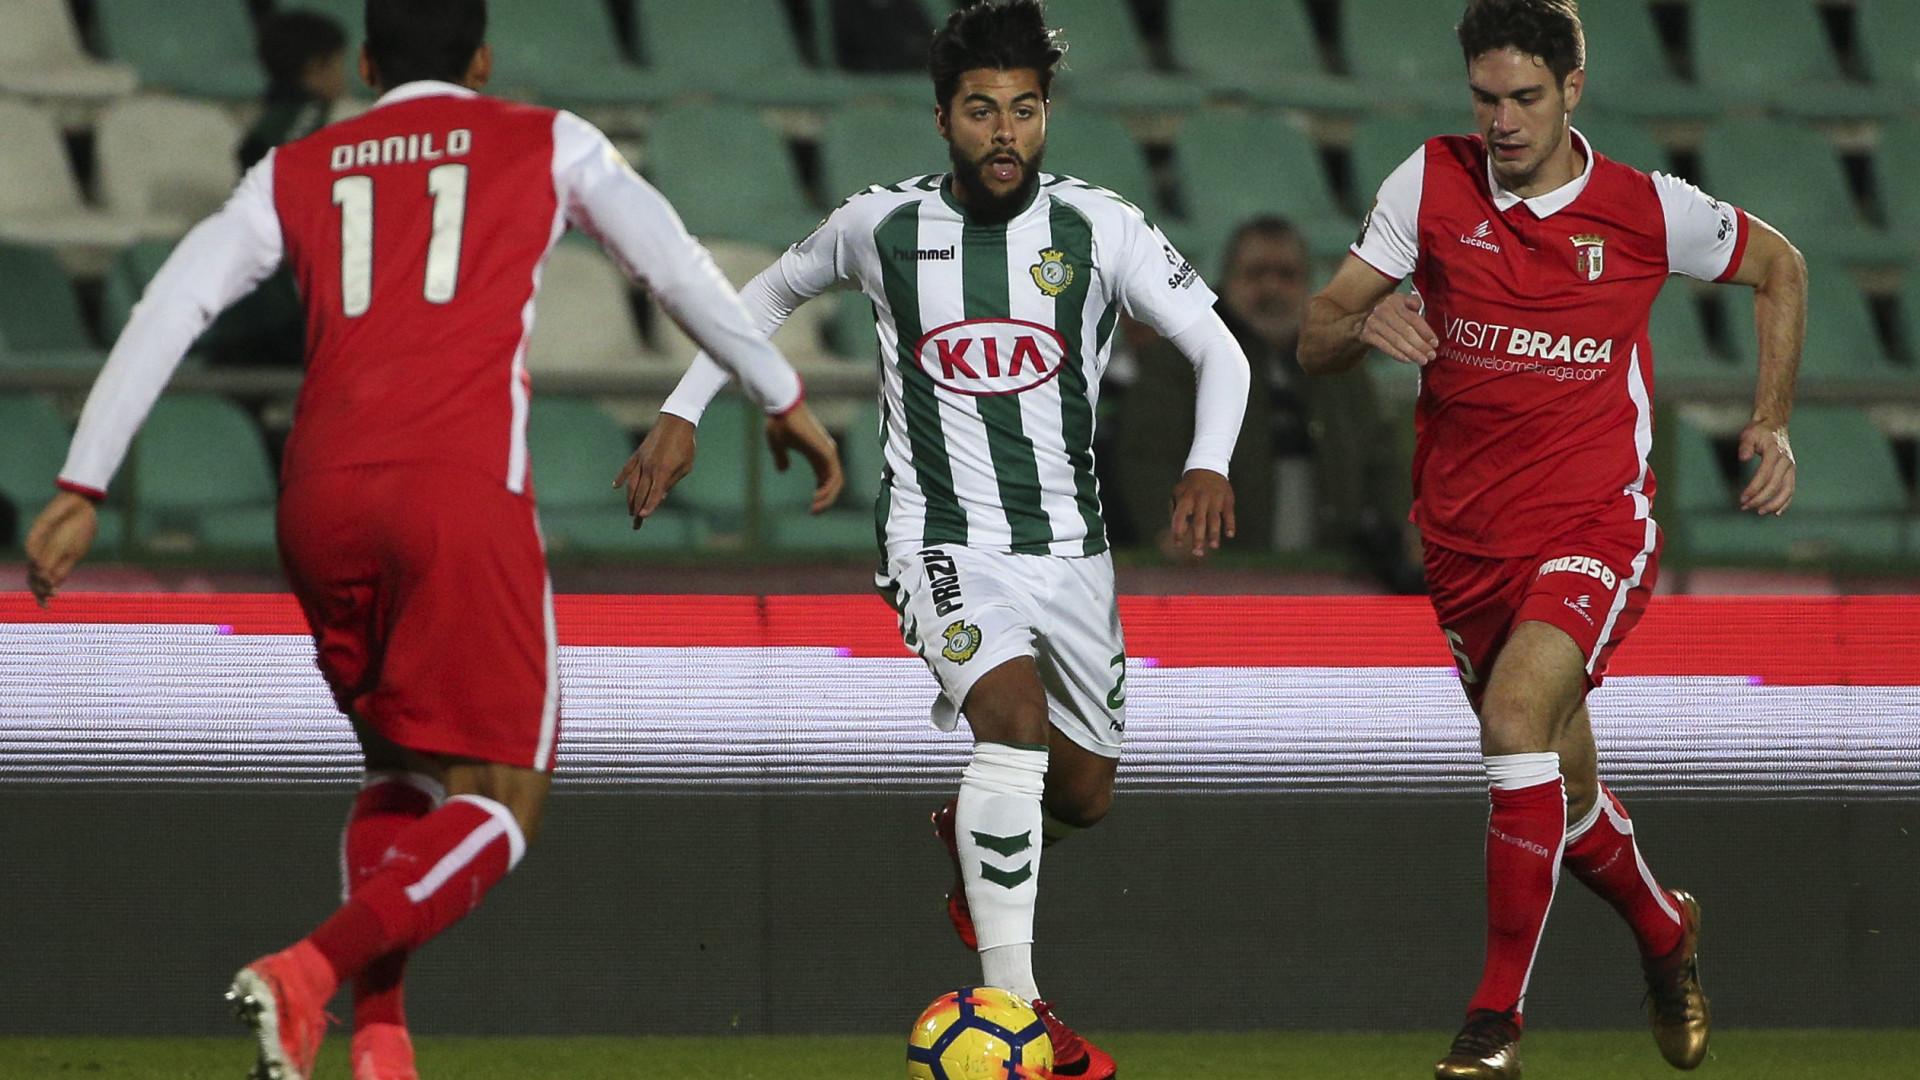 João Amaral assina pelo Benfica, mas fica pouco tempo no Seixal